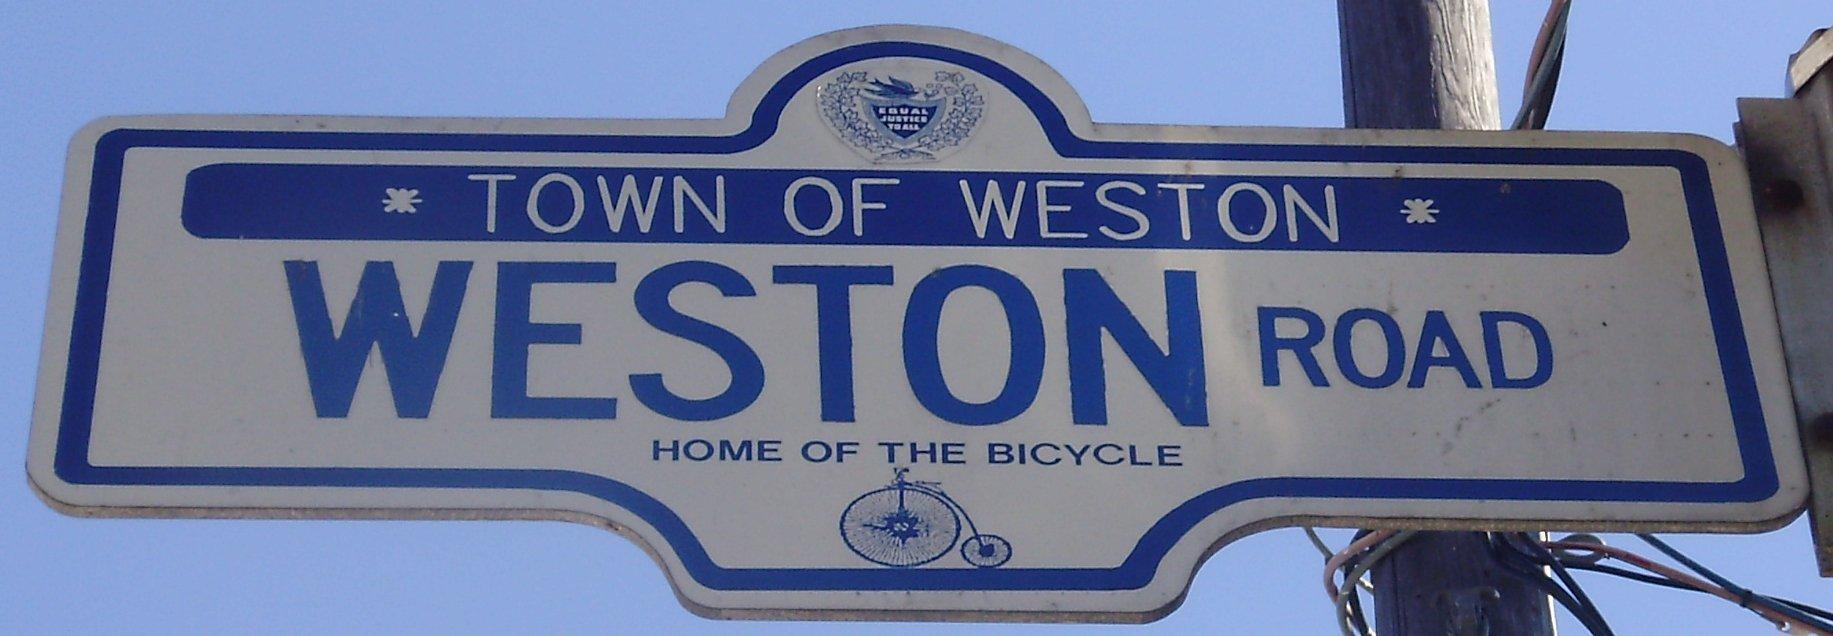 Escort Toronto Weston Road 401 In Car